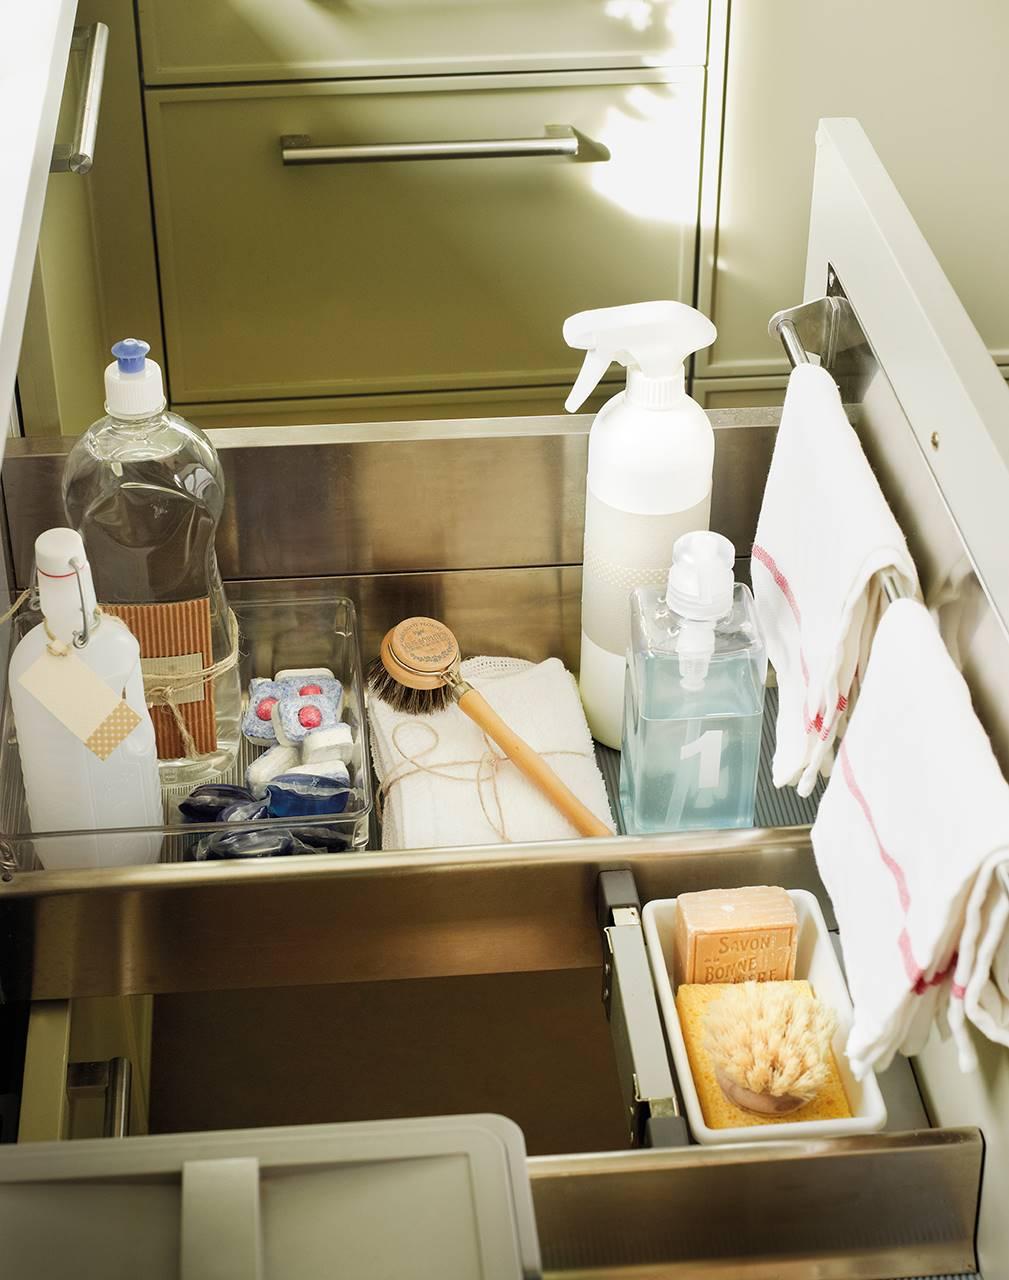 Cajón con separadores para productos de limpieza. No leer las instrucciones de los productos